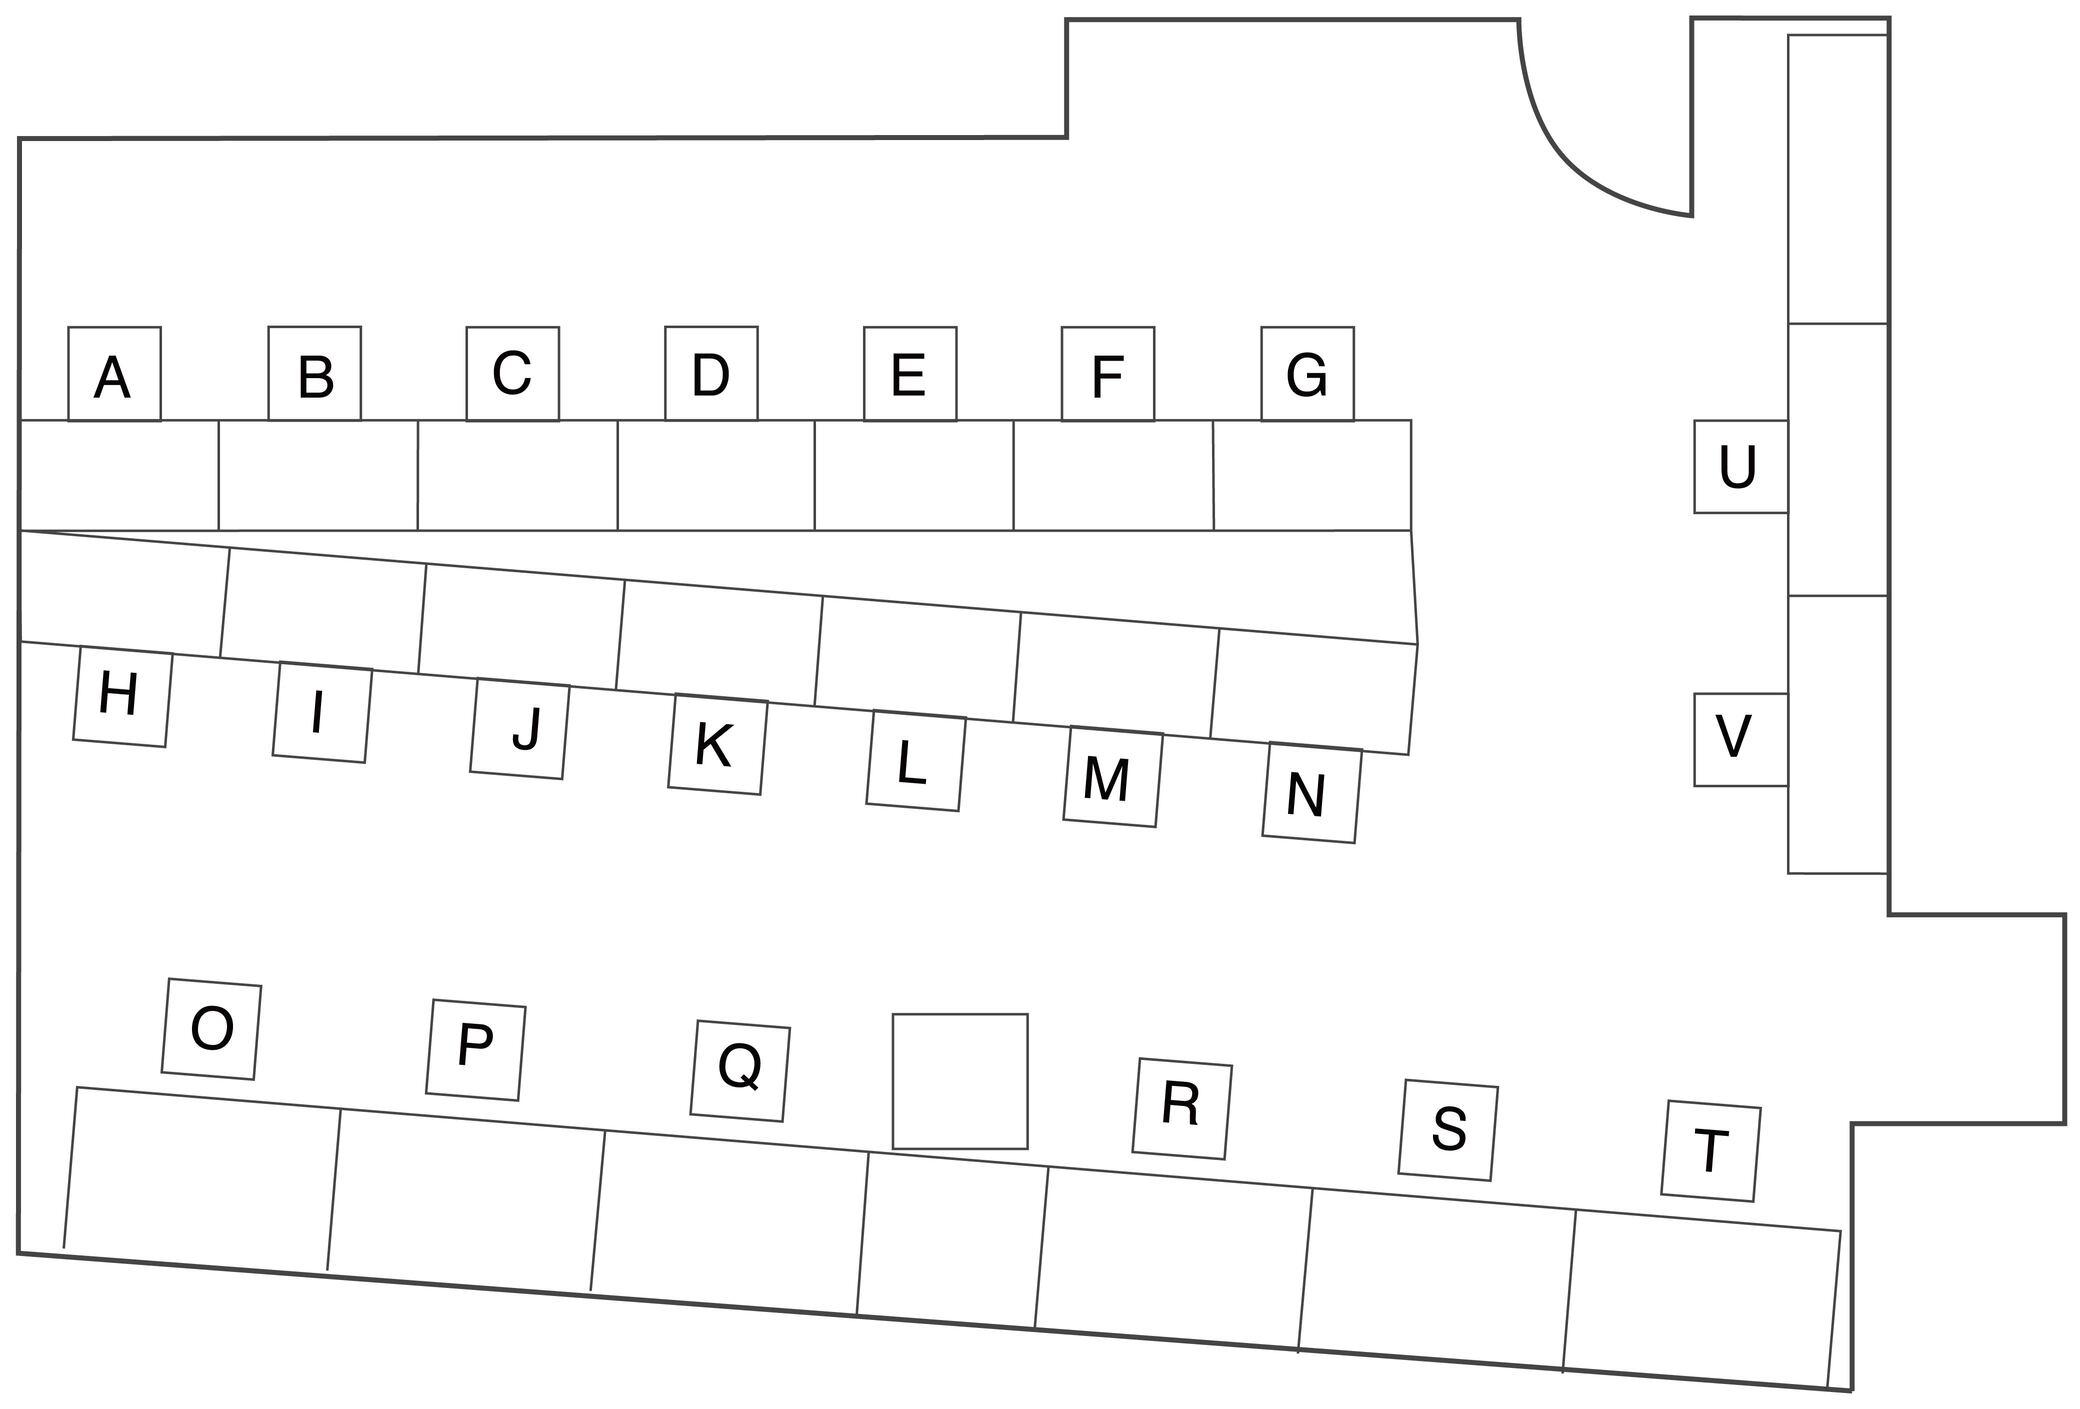 サイレントフロアマップ